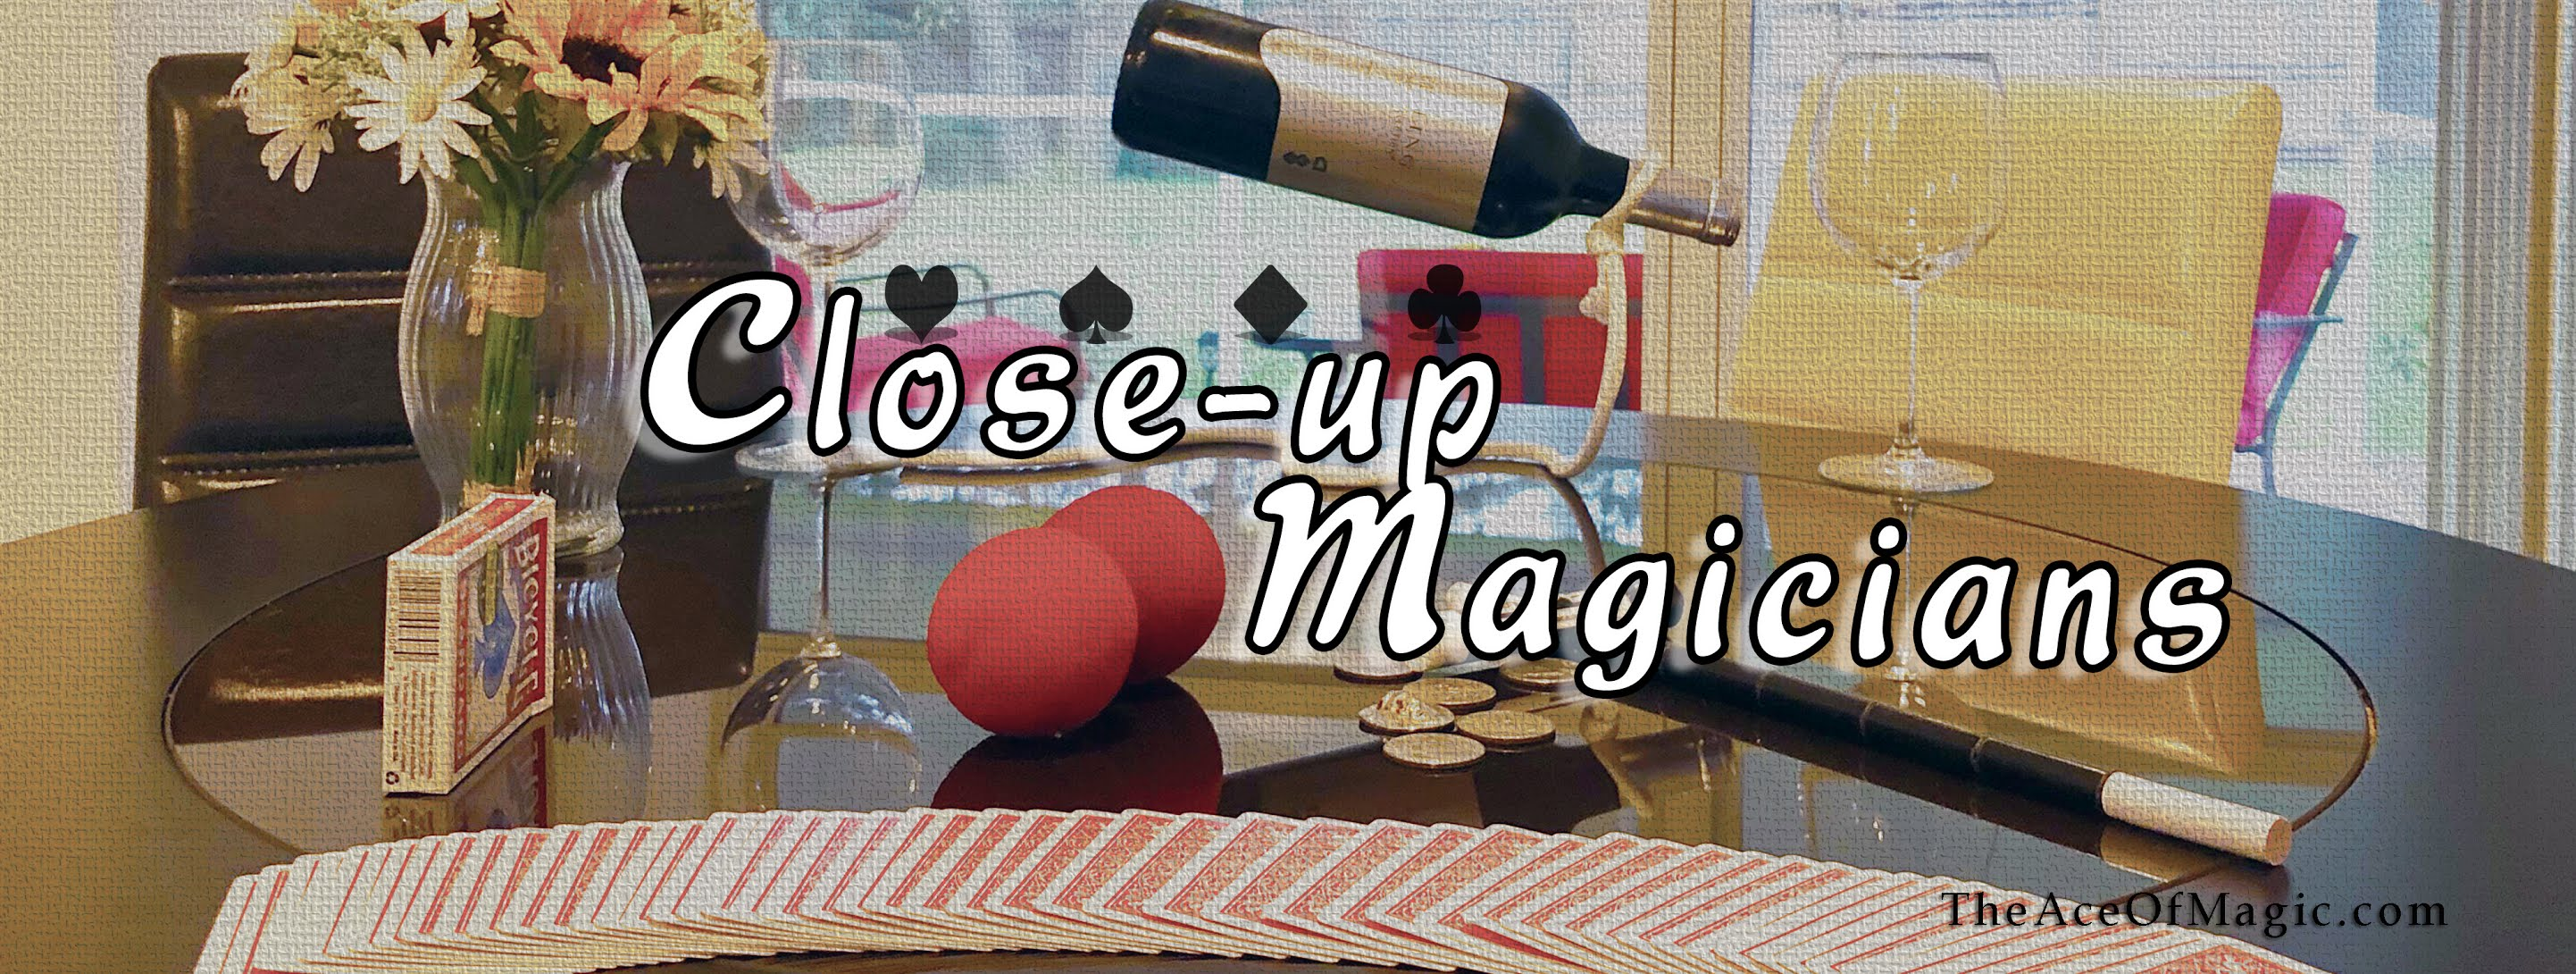 Close-up Magicians / Strolling Magician